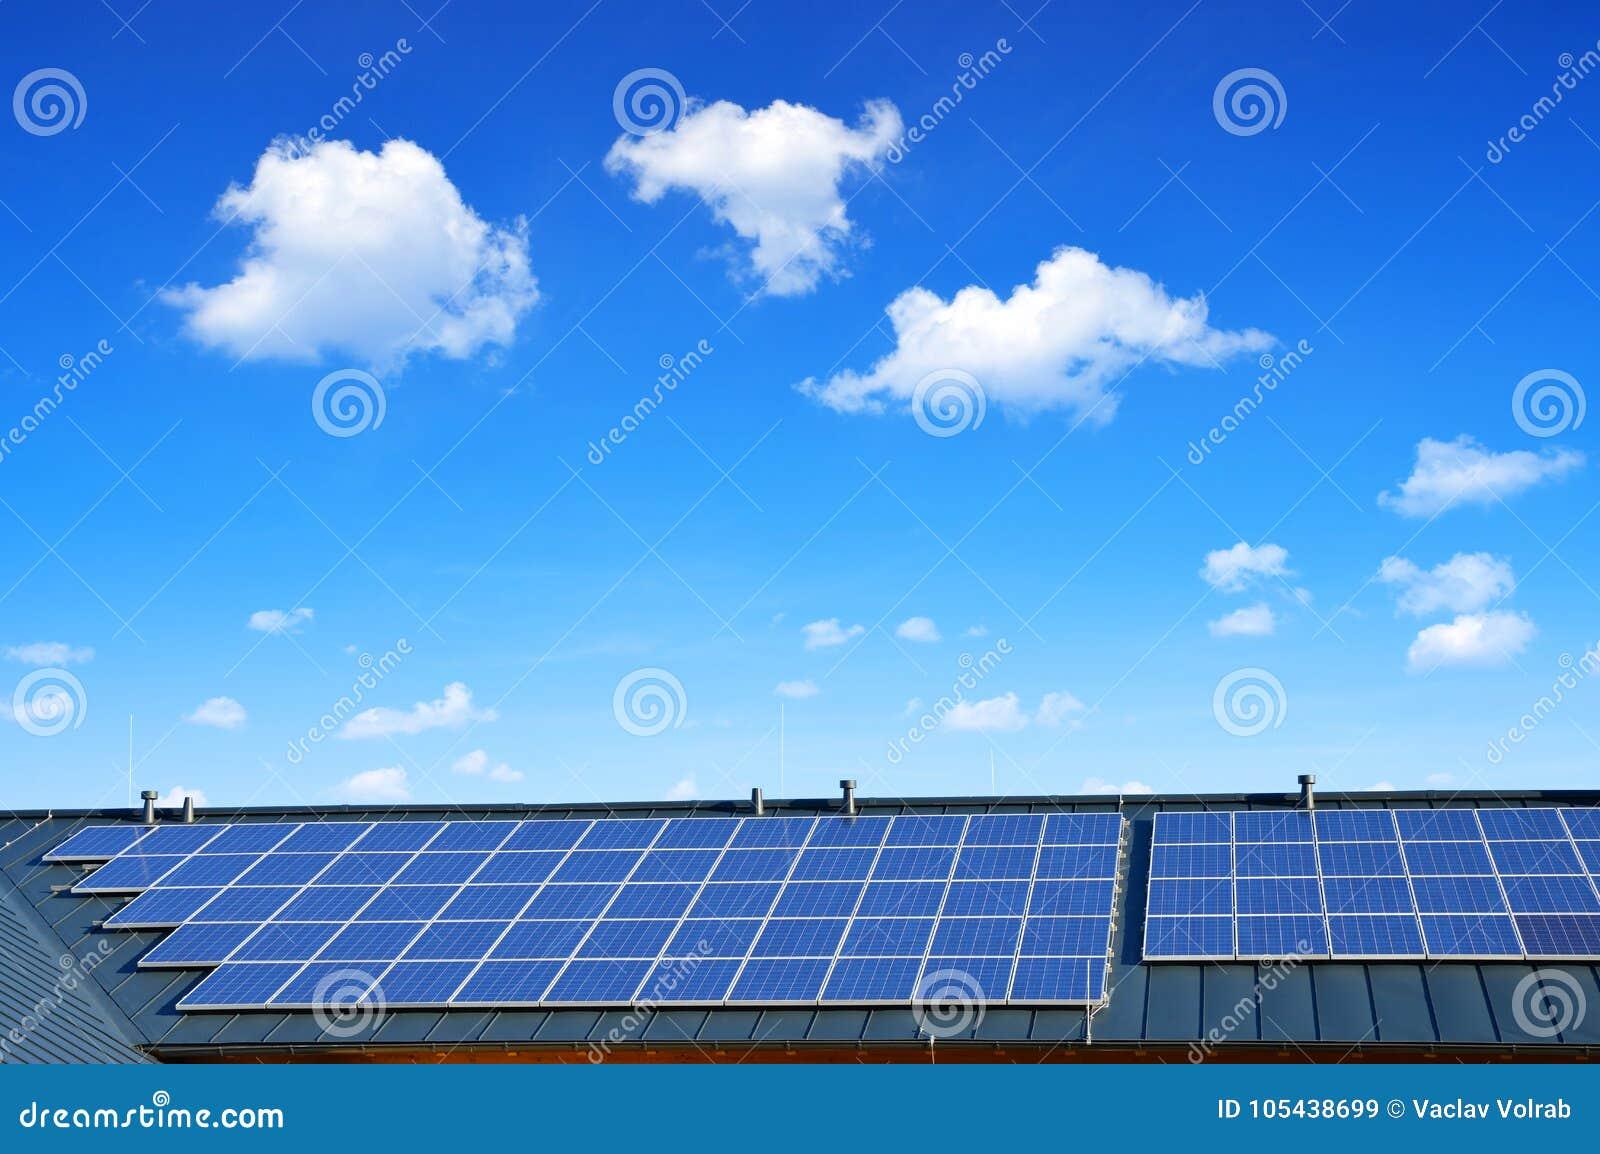 Zonne-energiepaneel op het dak van het huis in de blauwe hemel als achtergrond